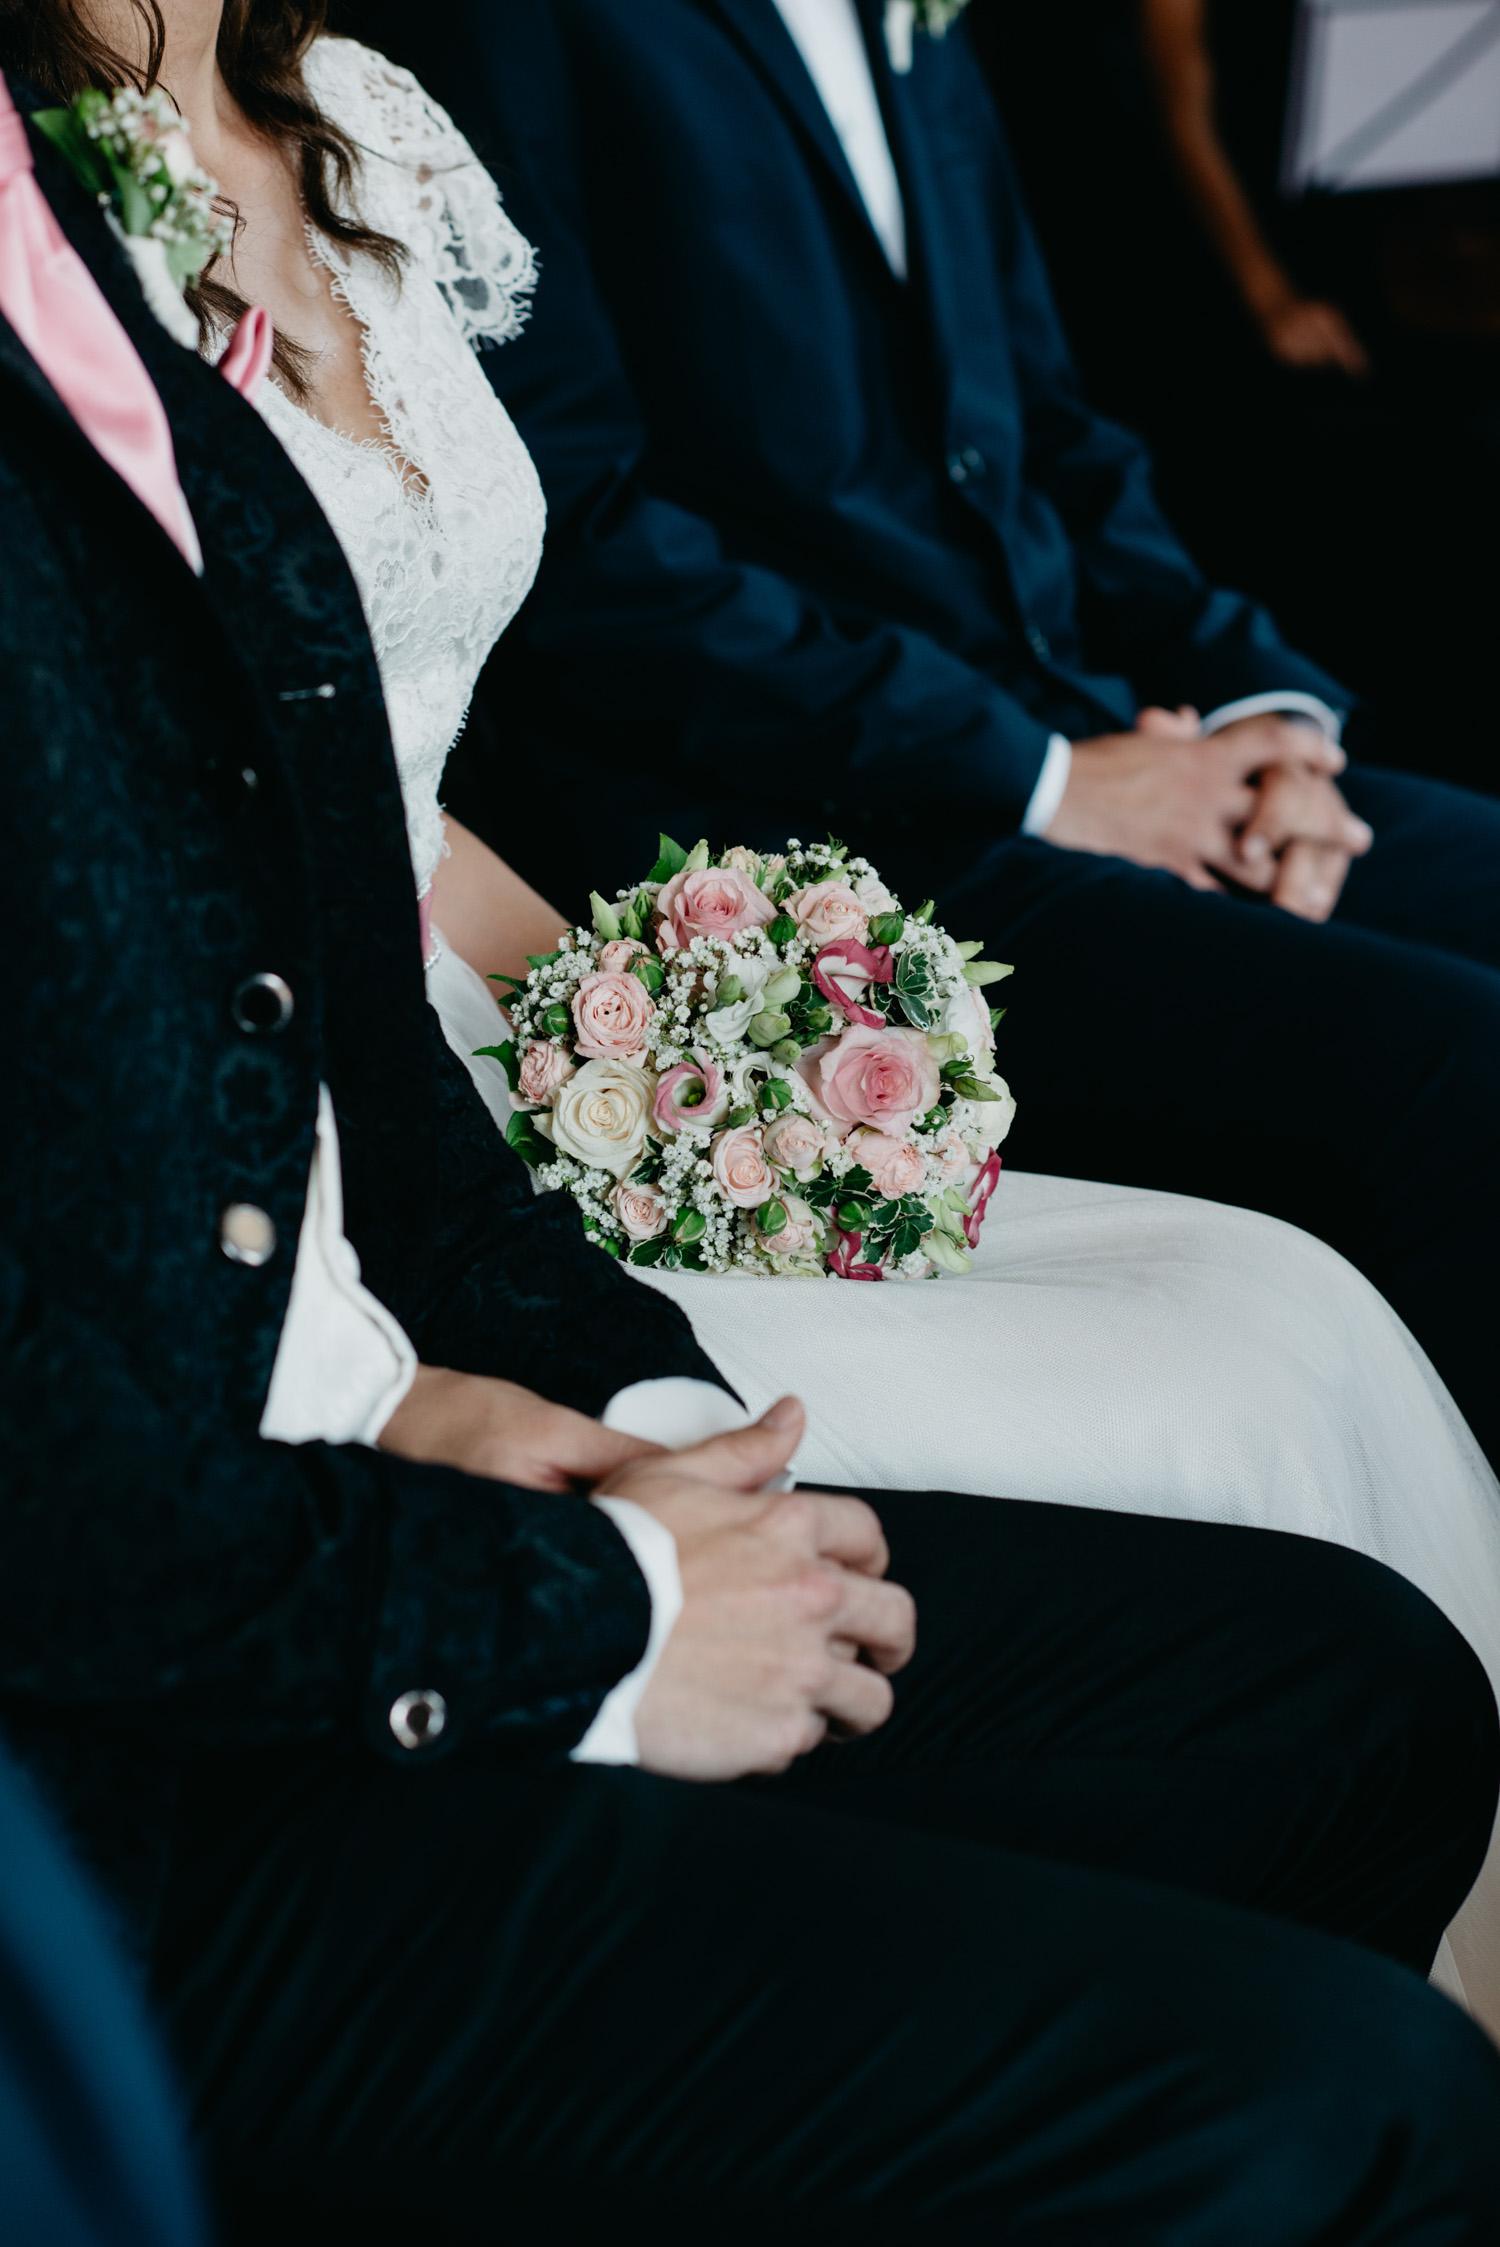 solya-mike-hochzeitsfotografin-hochzeitsfotografen-wien-hermesvilla-wedding-photographer-vienna-austria-79 Hochzeitstipps 3 - Die Trauung | Hochzeitsfotografin Tirol & Wien